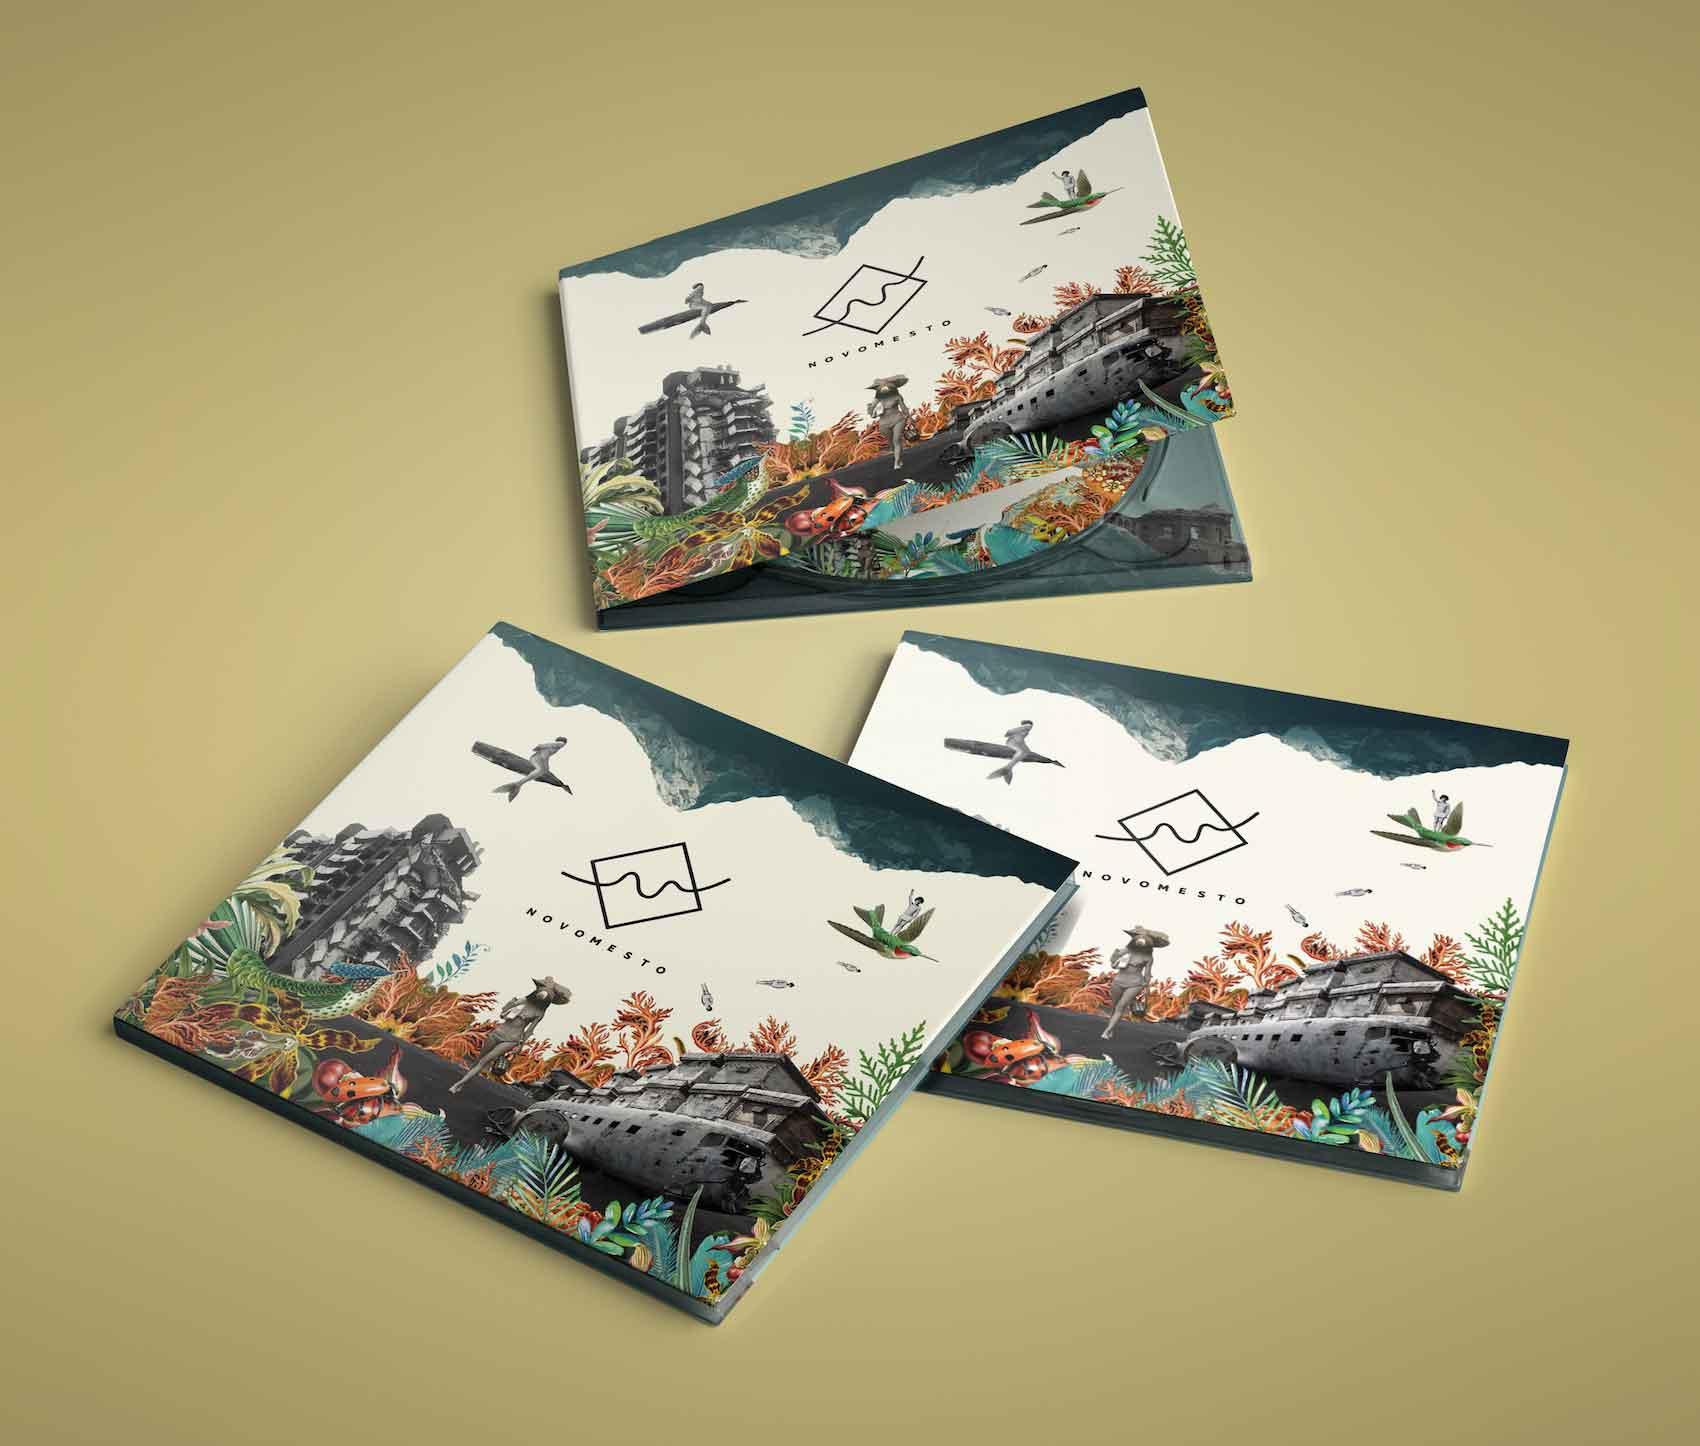 Novomesto Disseny Grafic Art Work Disculpi Studio Angels Pinyol Vilafranca del Penedes - NOVOMESTO - Art Work i disseny del nou cd del grup